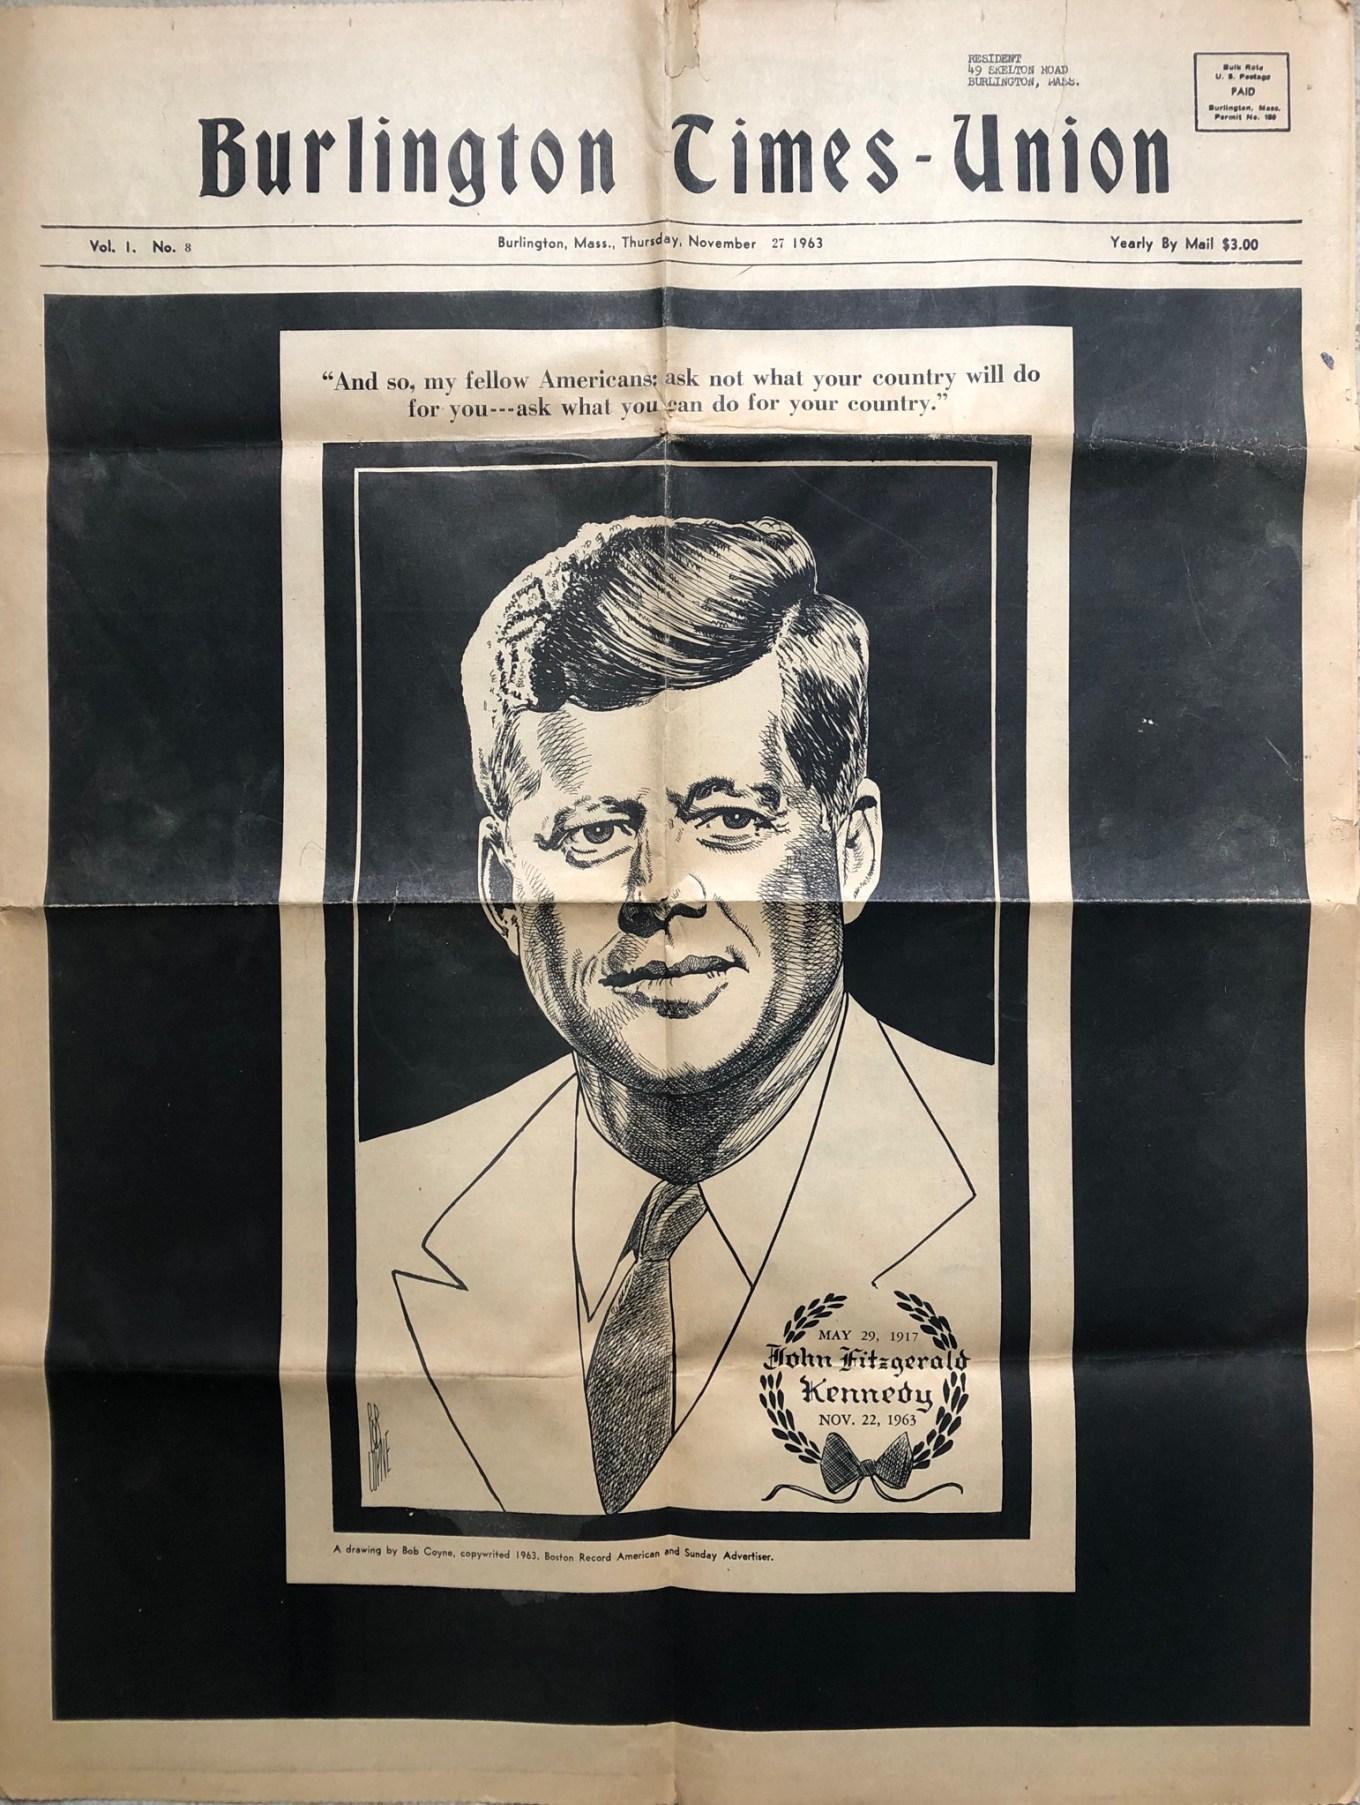 JFK full-page tribute Burlington Times-Union